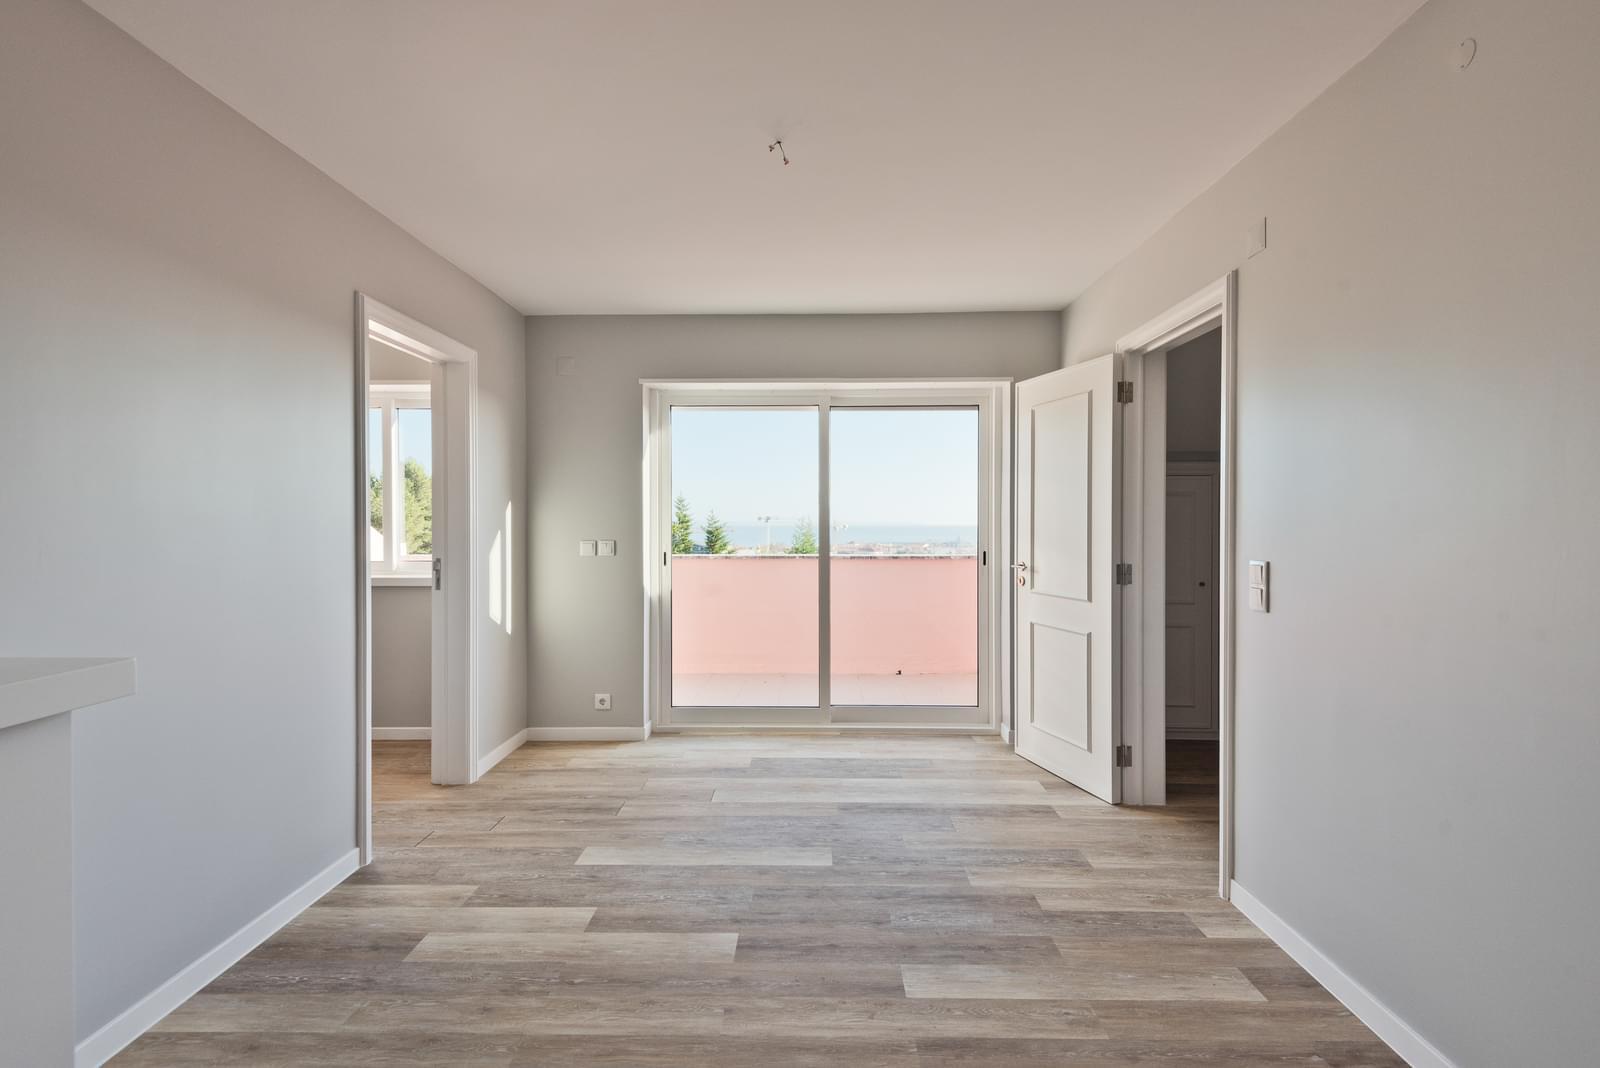 pf18954-apartamento-t3-cascais-9150688a-83c3-4815-8288-683140293118